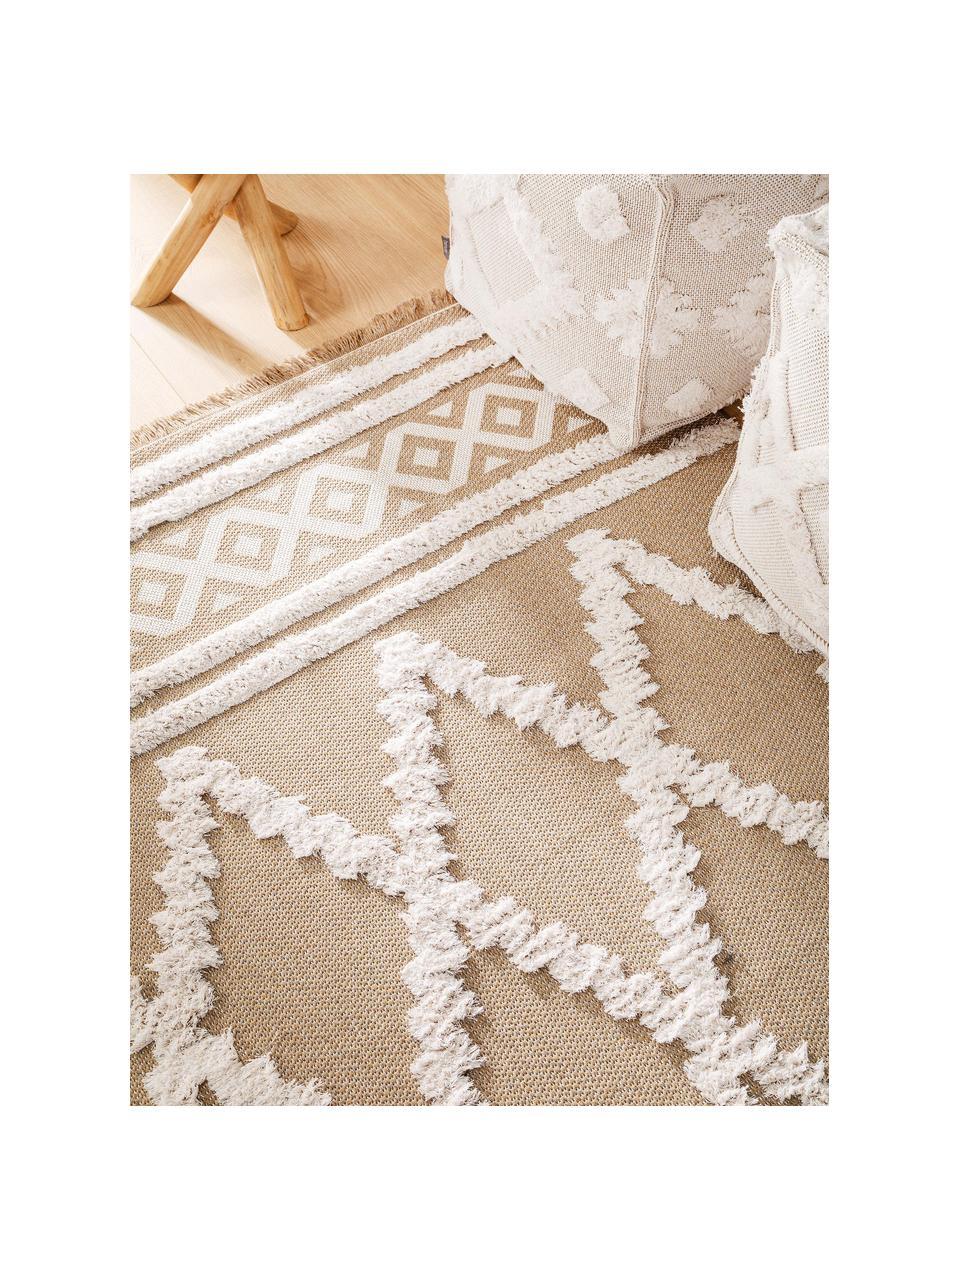 Tappeto in cotone lavato con motivo a rilievo e frange Oslo Karo, 100% cotone, Taupe, bianco crema, Larg. 75 x Lung. 150 cm (taglia XS)